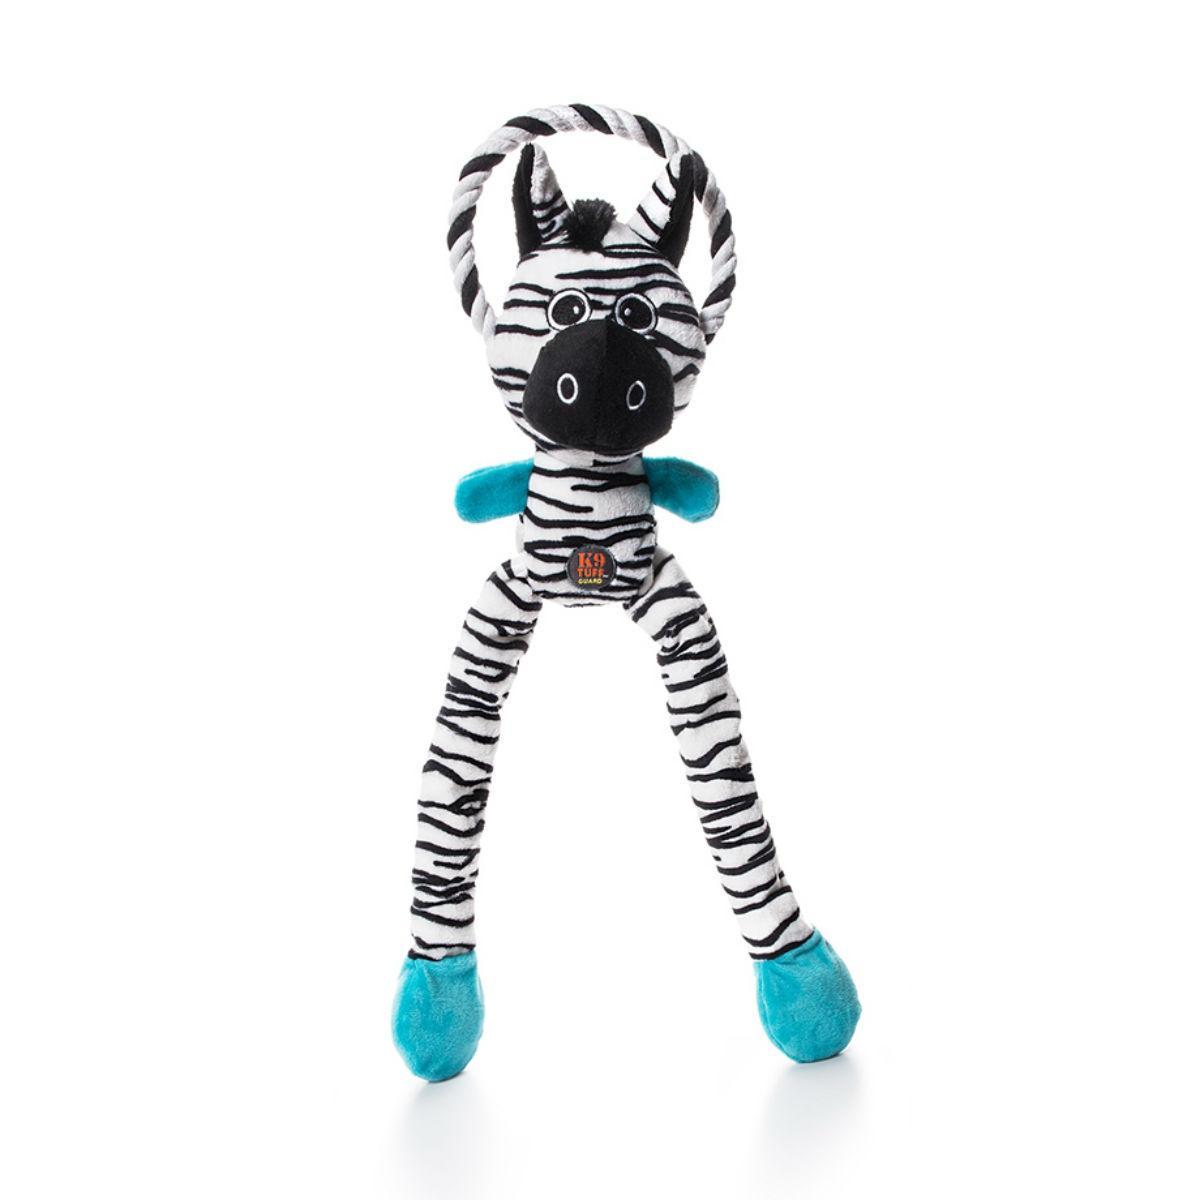 Charming Thunda Blasters Dog Toy - Leggy Zebra